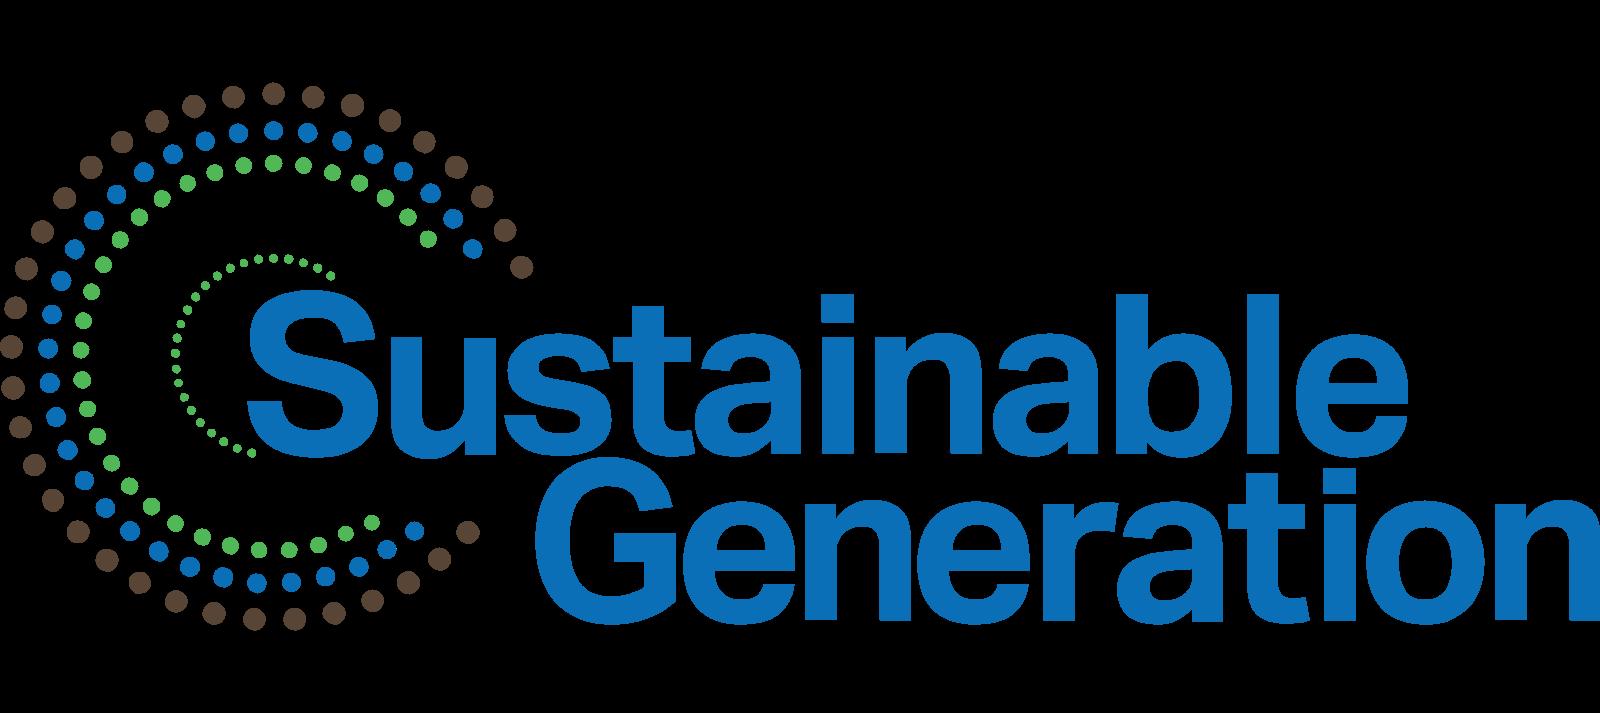 Sustainable Generation